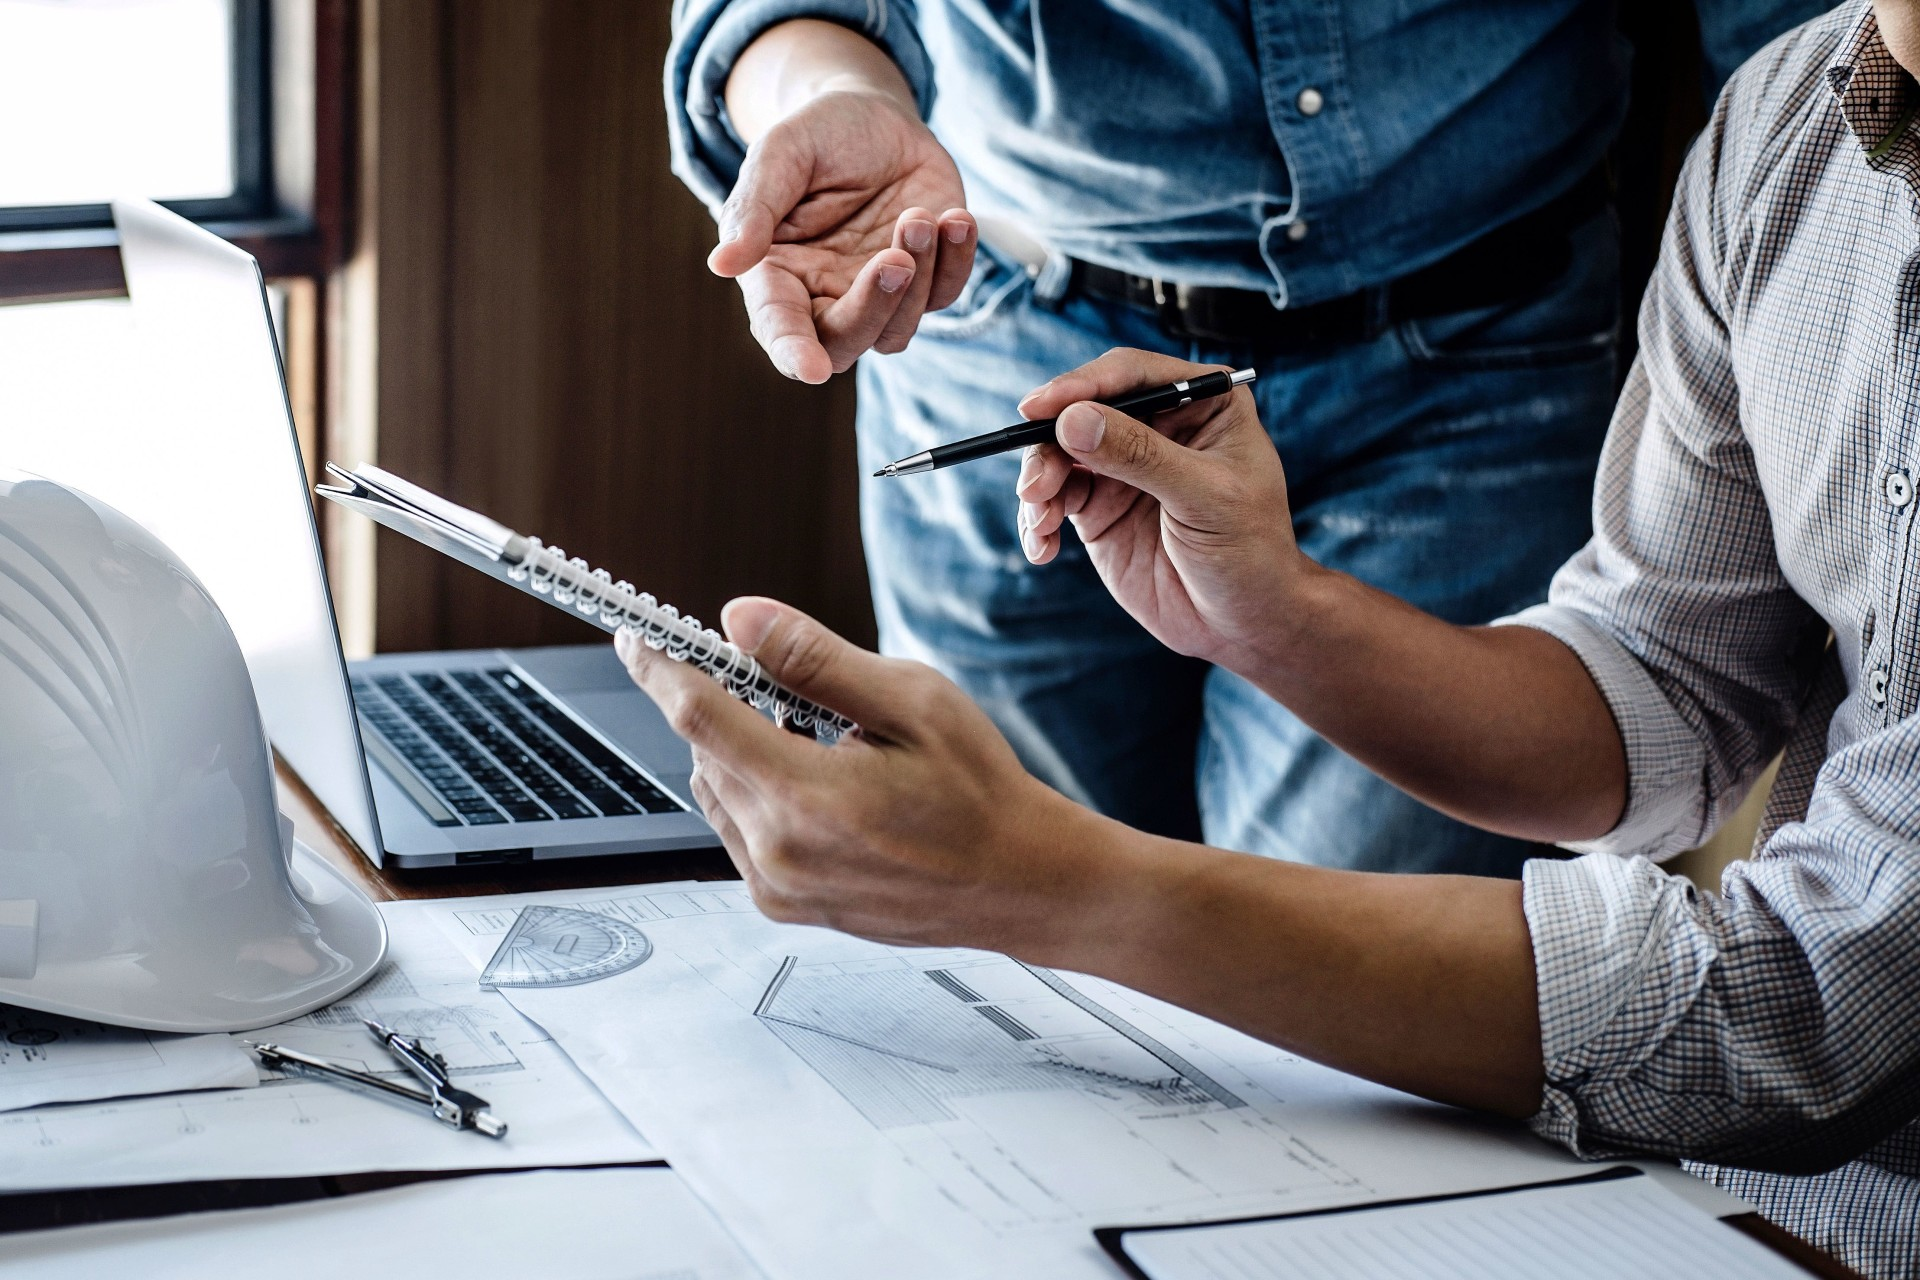 Consultoria da ferramenta BIM para pequenas e médias construtoras oferece boas oportunidades para empreender. Crédito: Banco de Imagens